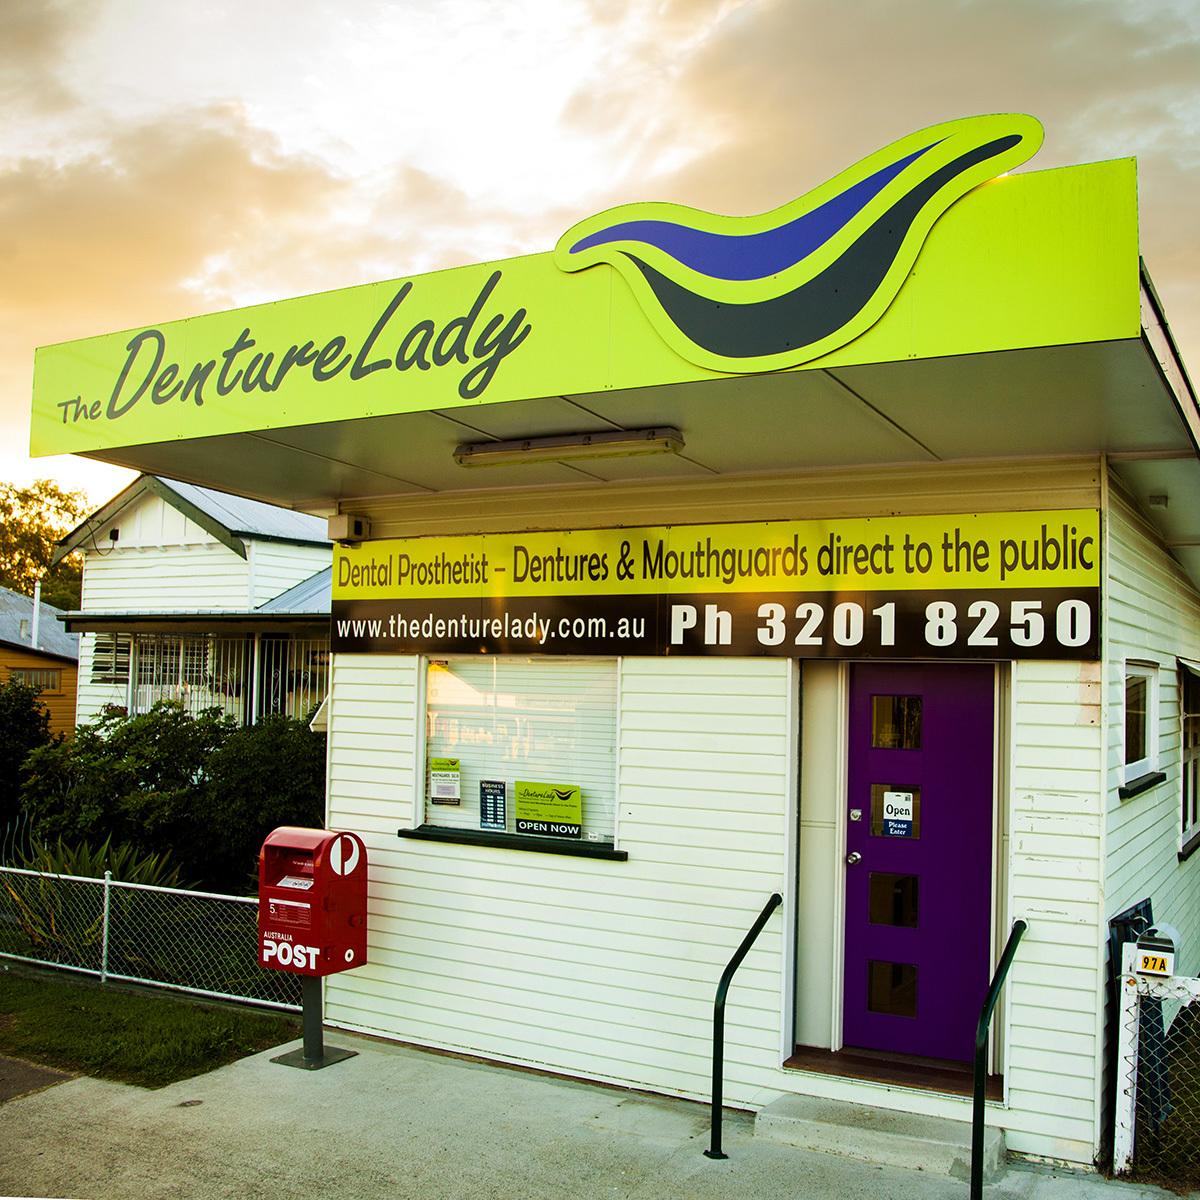 the denture lady shop